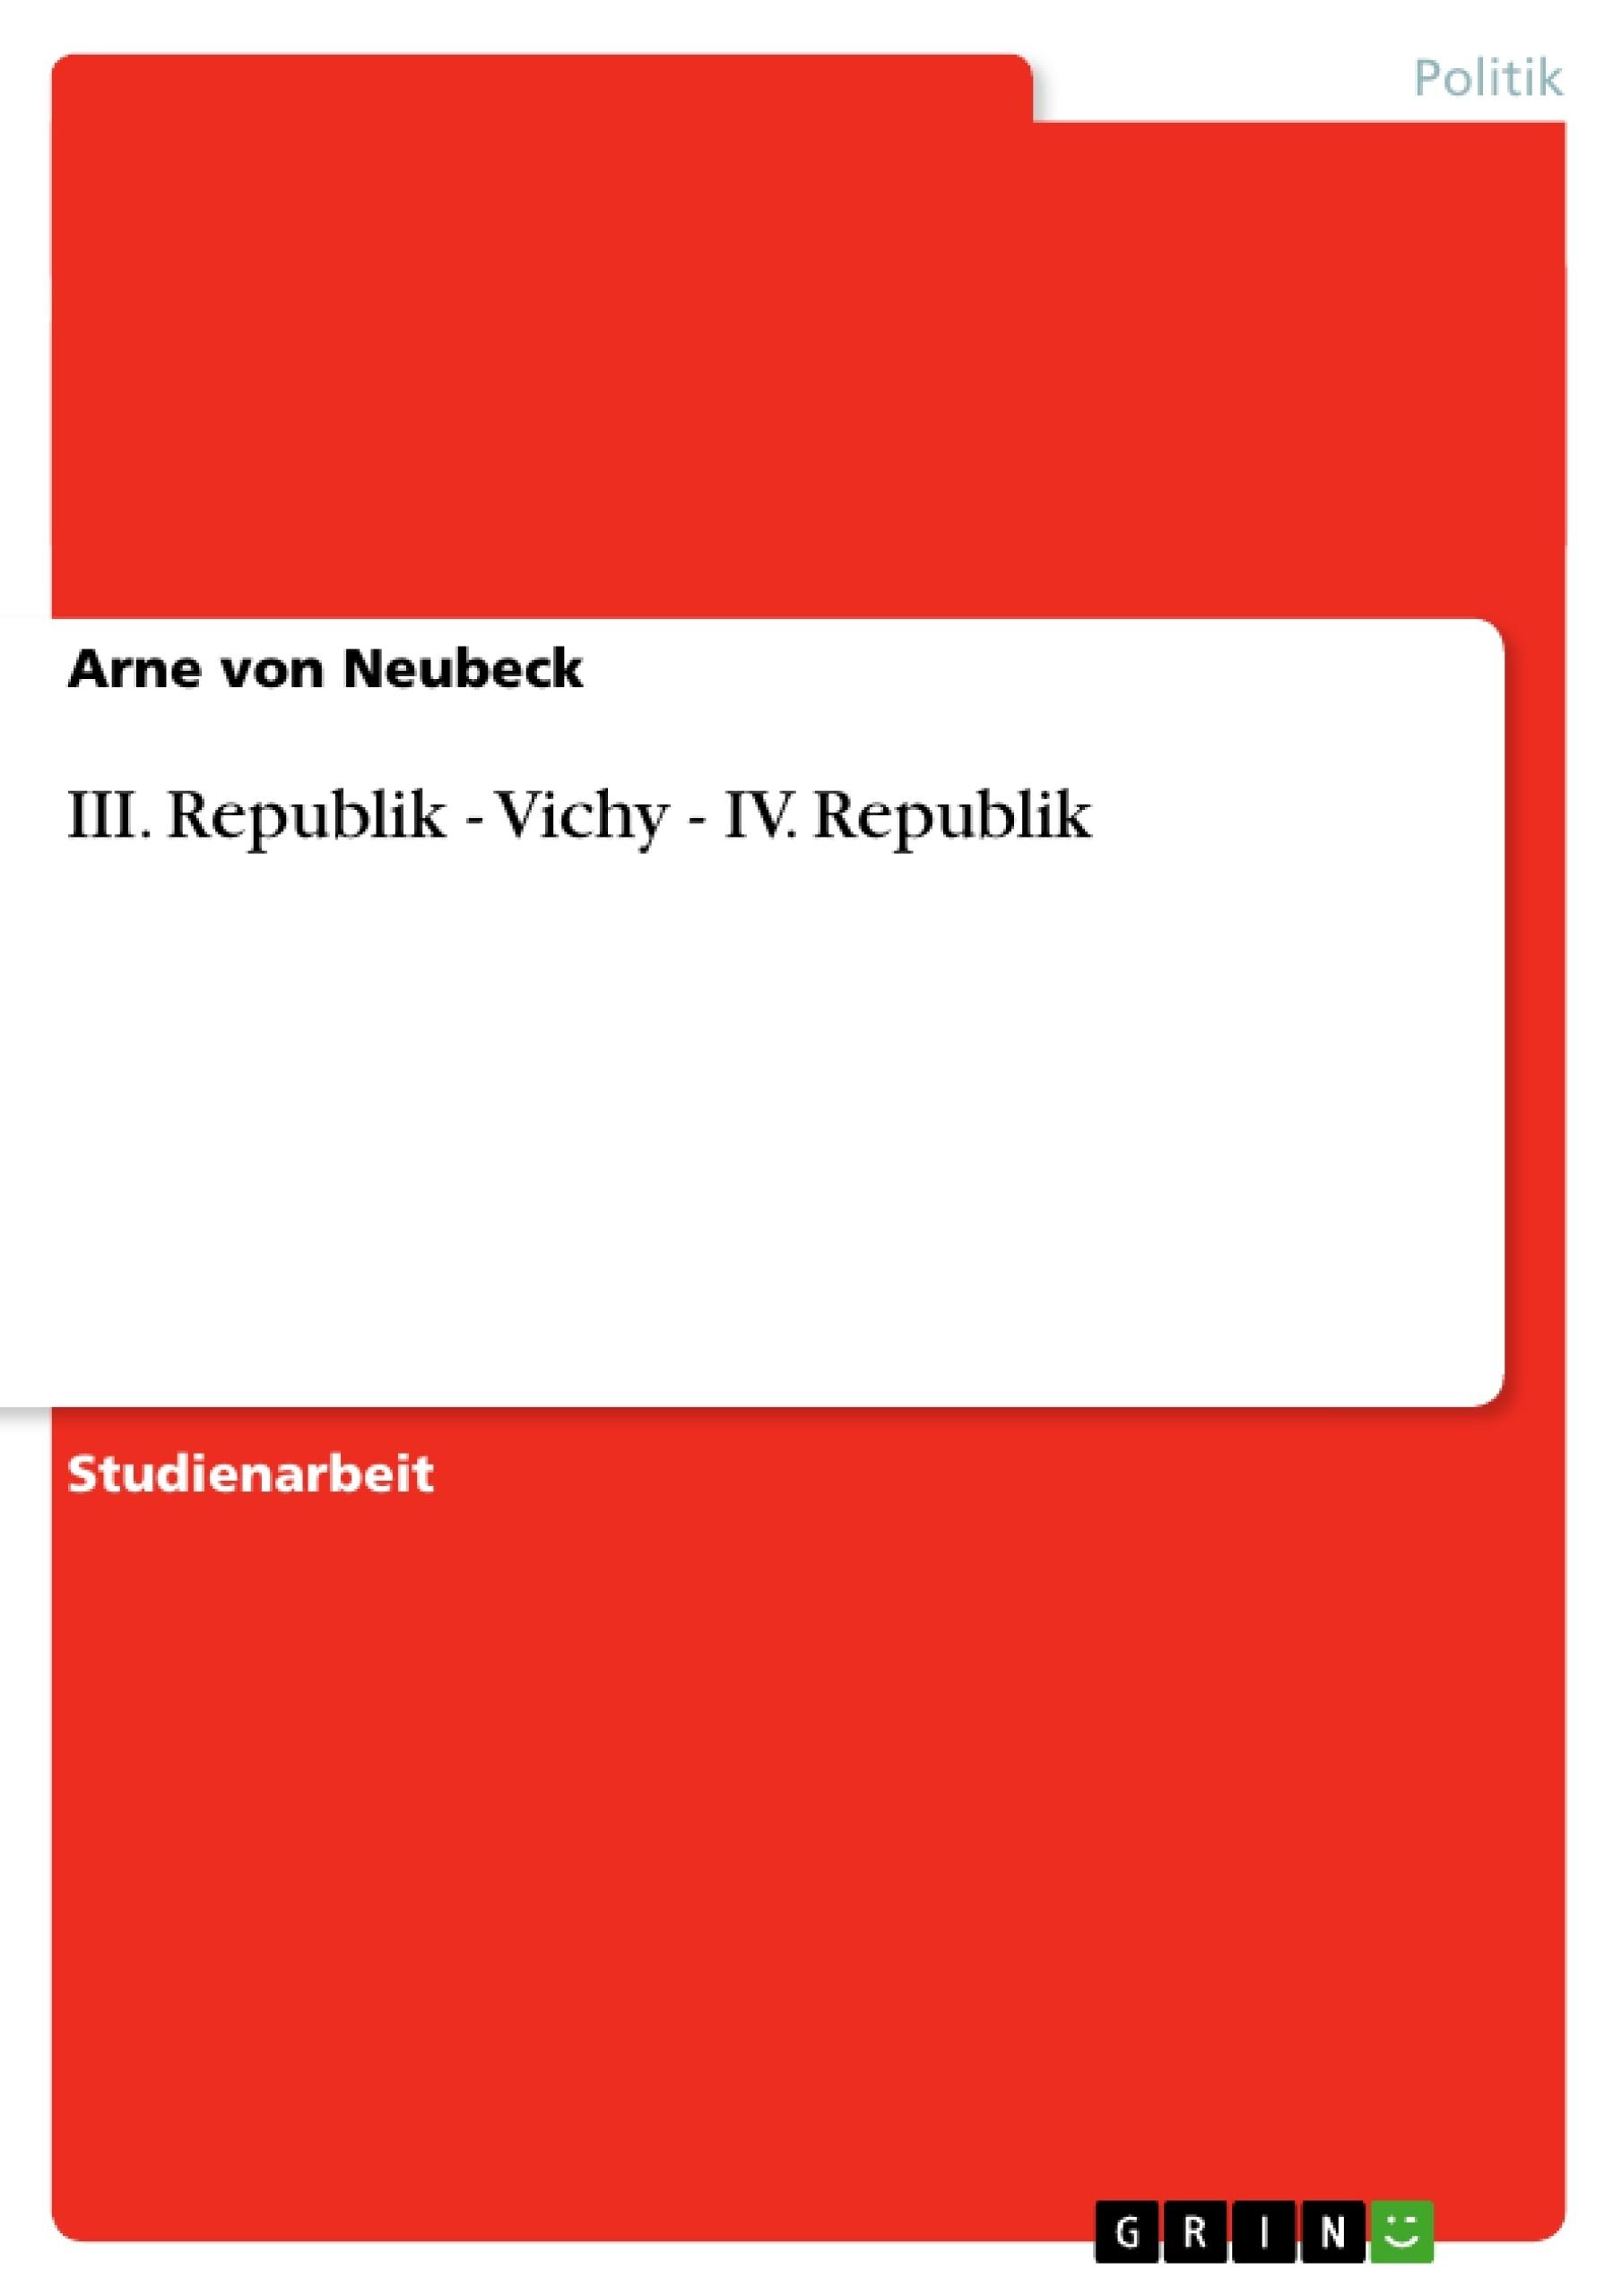 Titel:  III. Republik - Vichy - IV. Republik